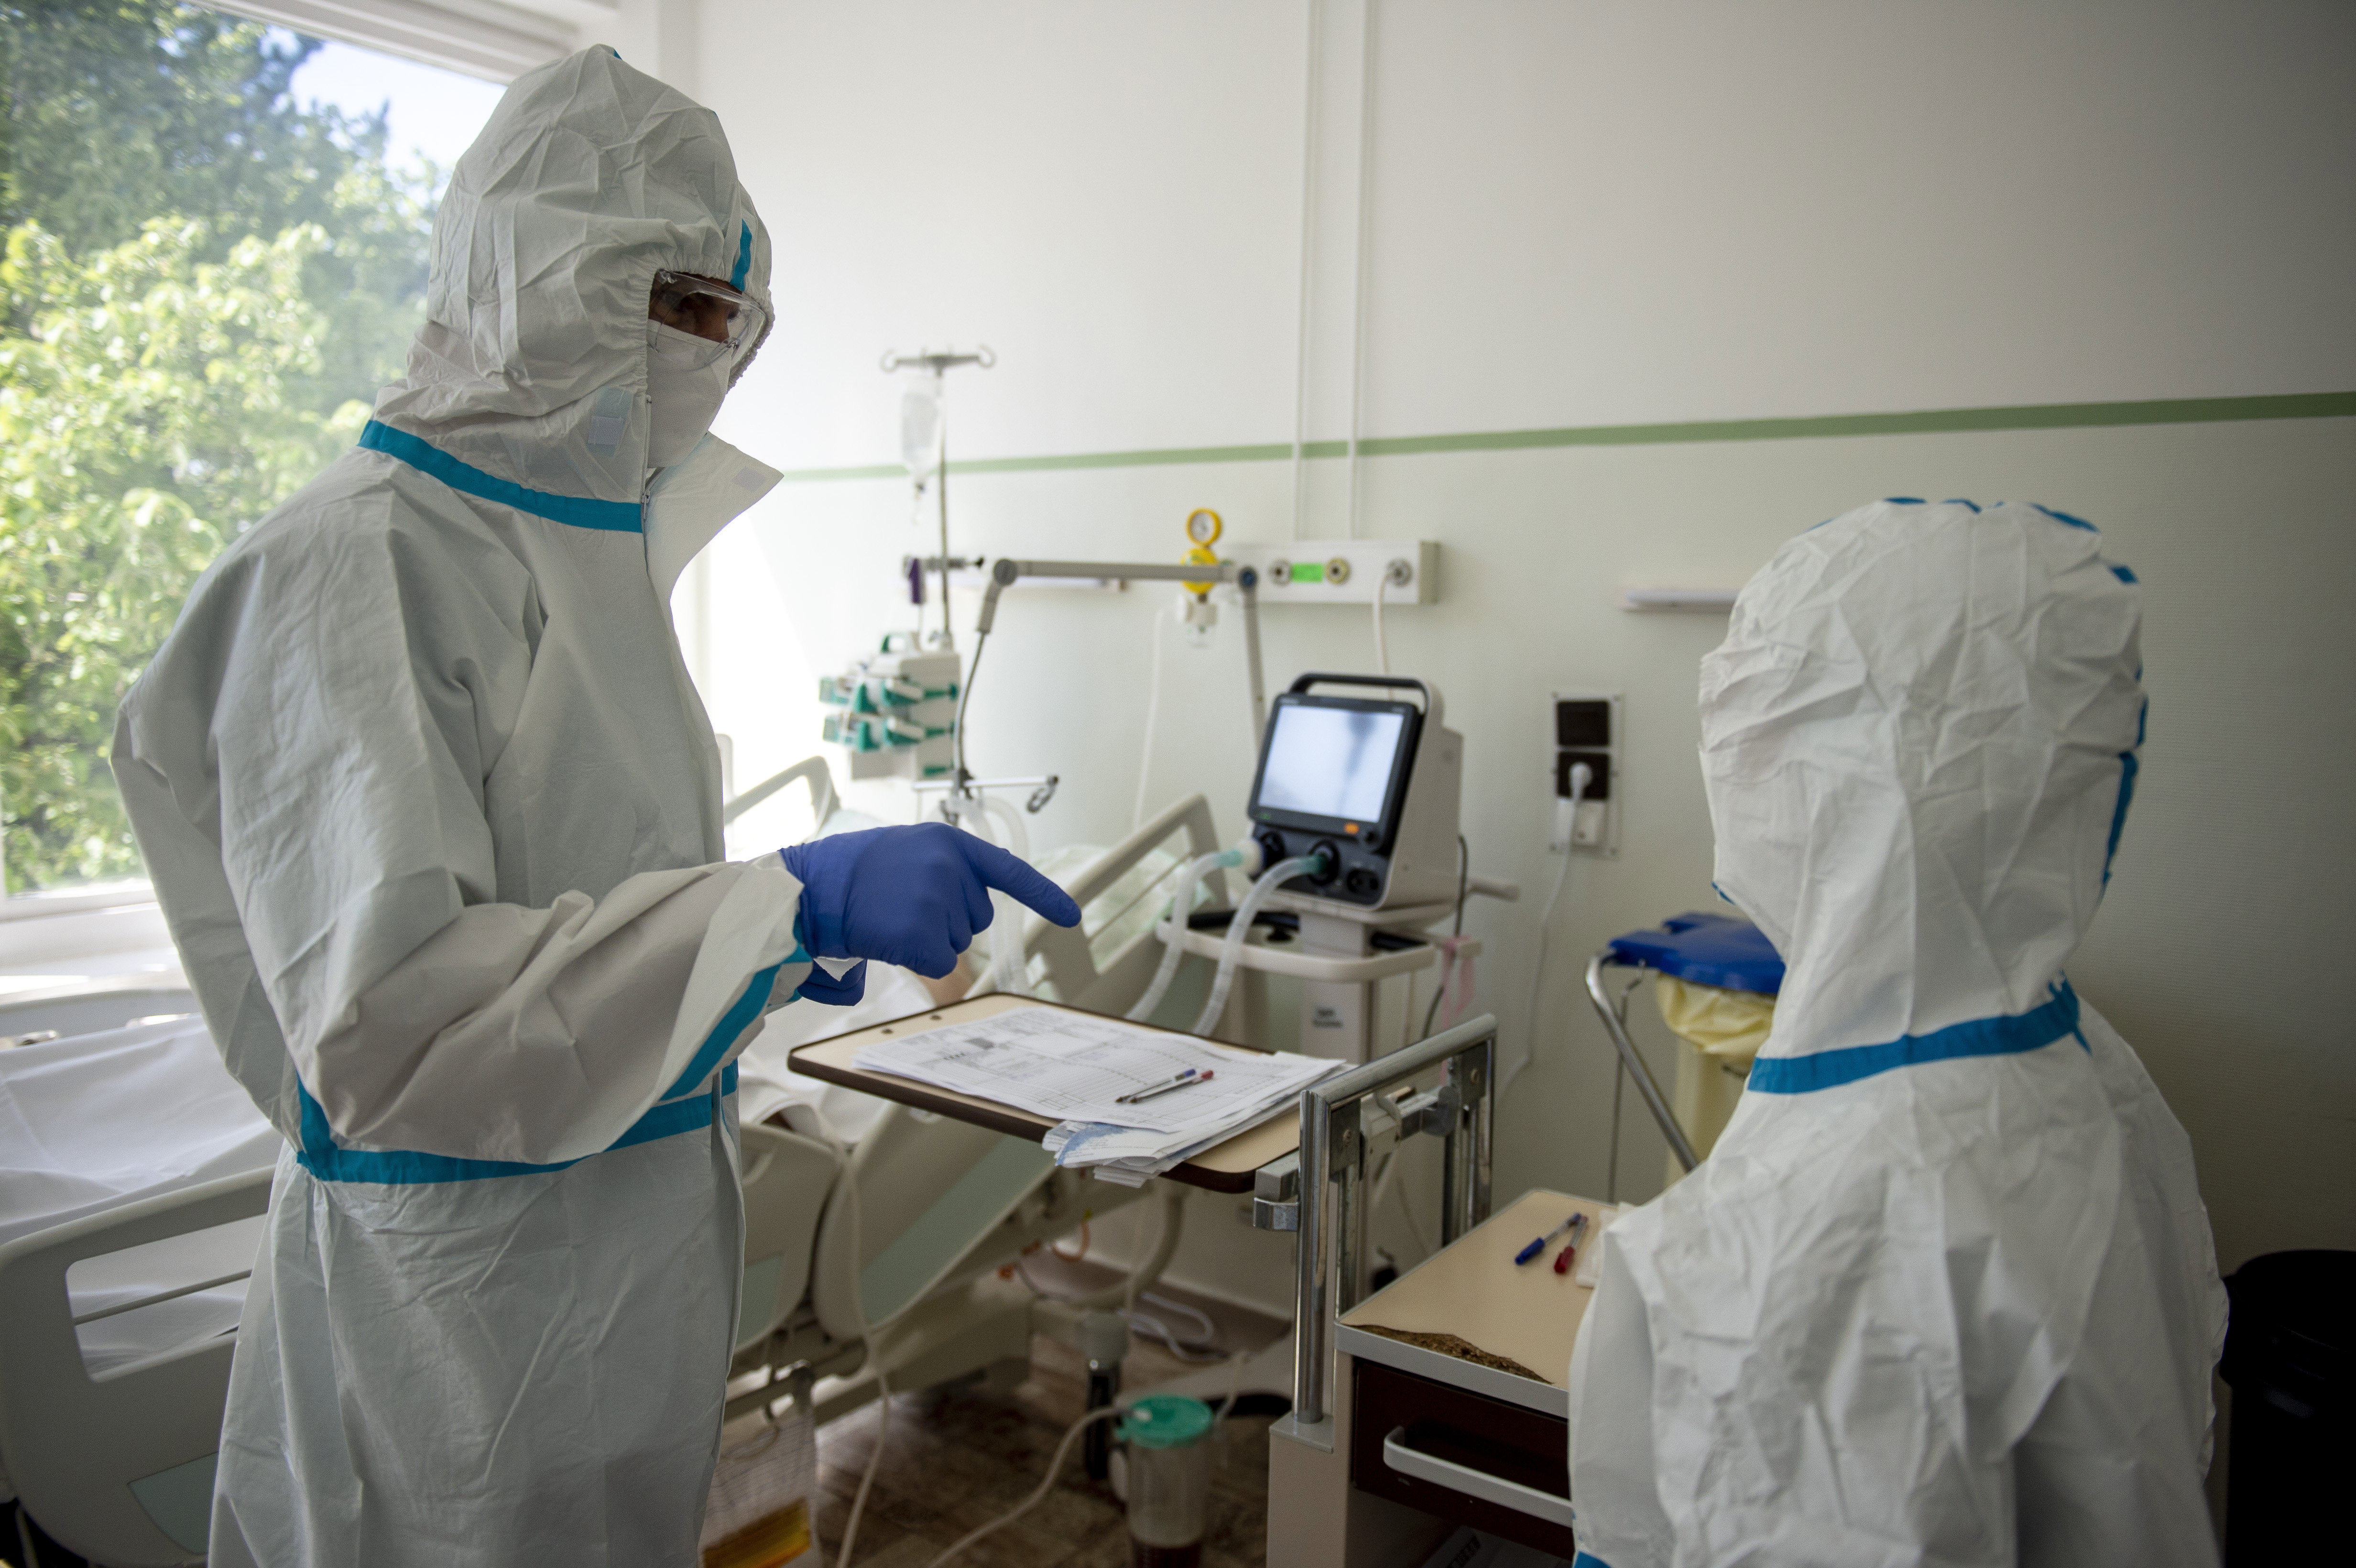 37 éves nő lett a koronavírus legfiatalabb magyar áldozata